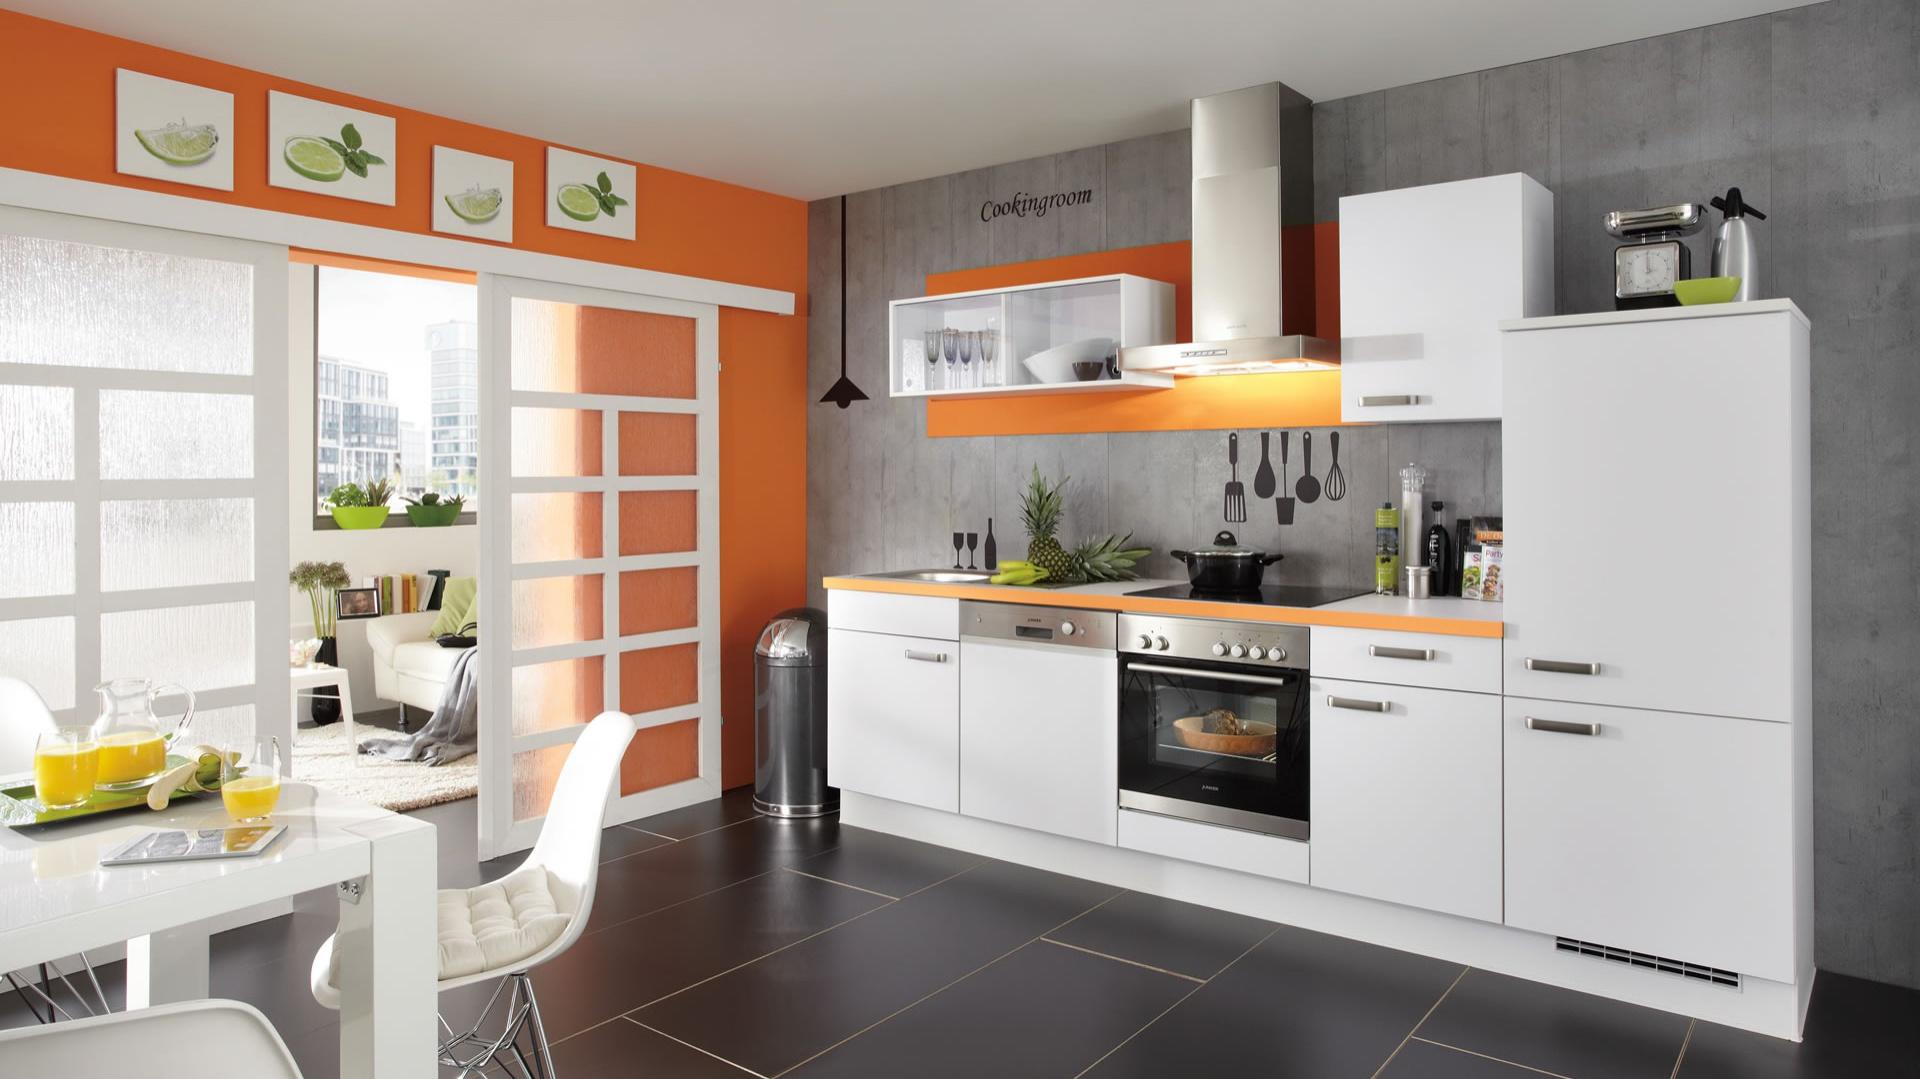 Meble z kolekcji Speed firmy Nobilia. Idealne do małego aneksu kuchennego. Kolor pomarańczowy zastosowany na ścianach oraz na blacie ożywia biało-szarą kolorystykę. Meble zapewniają niewielki blat roboczy oraz całkiem sporo miejsca na przechowywanie.